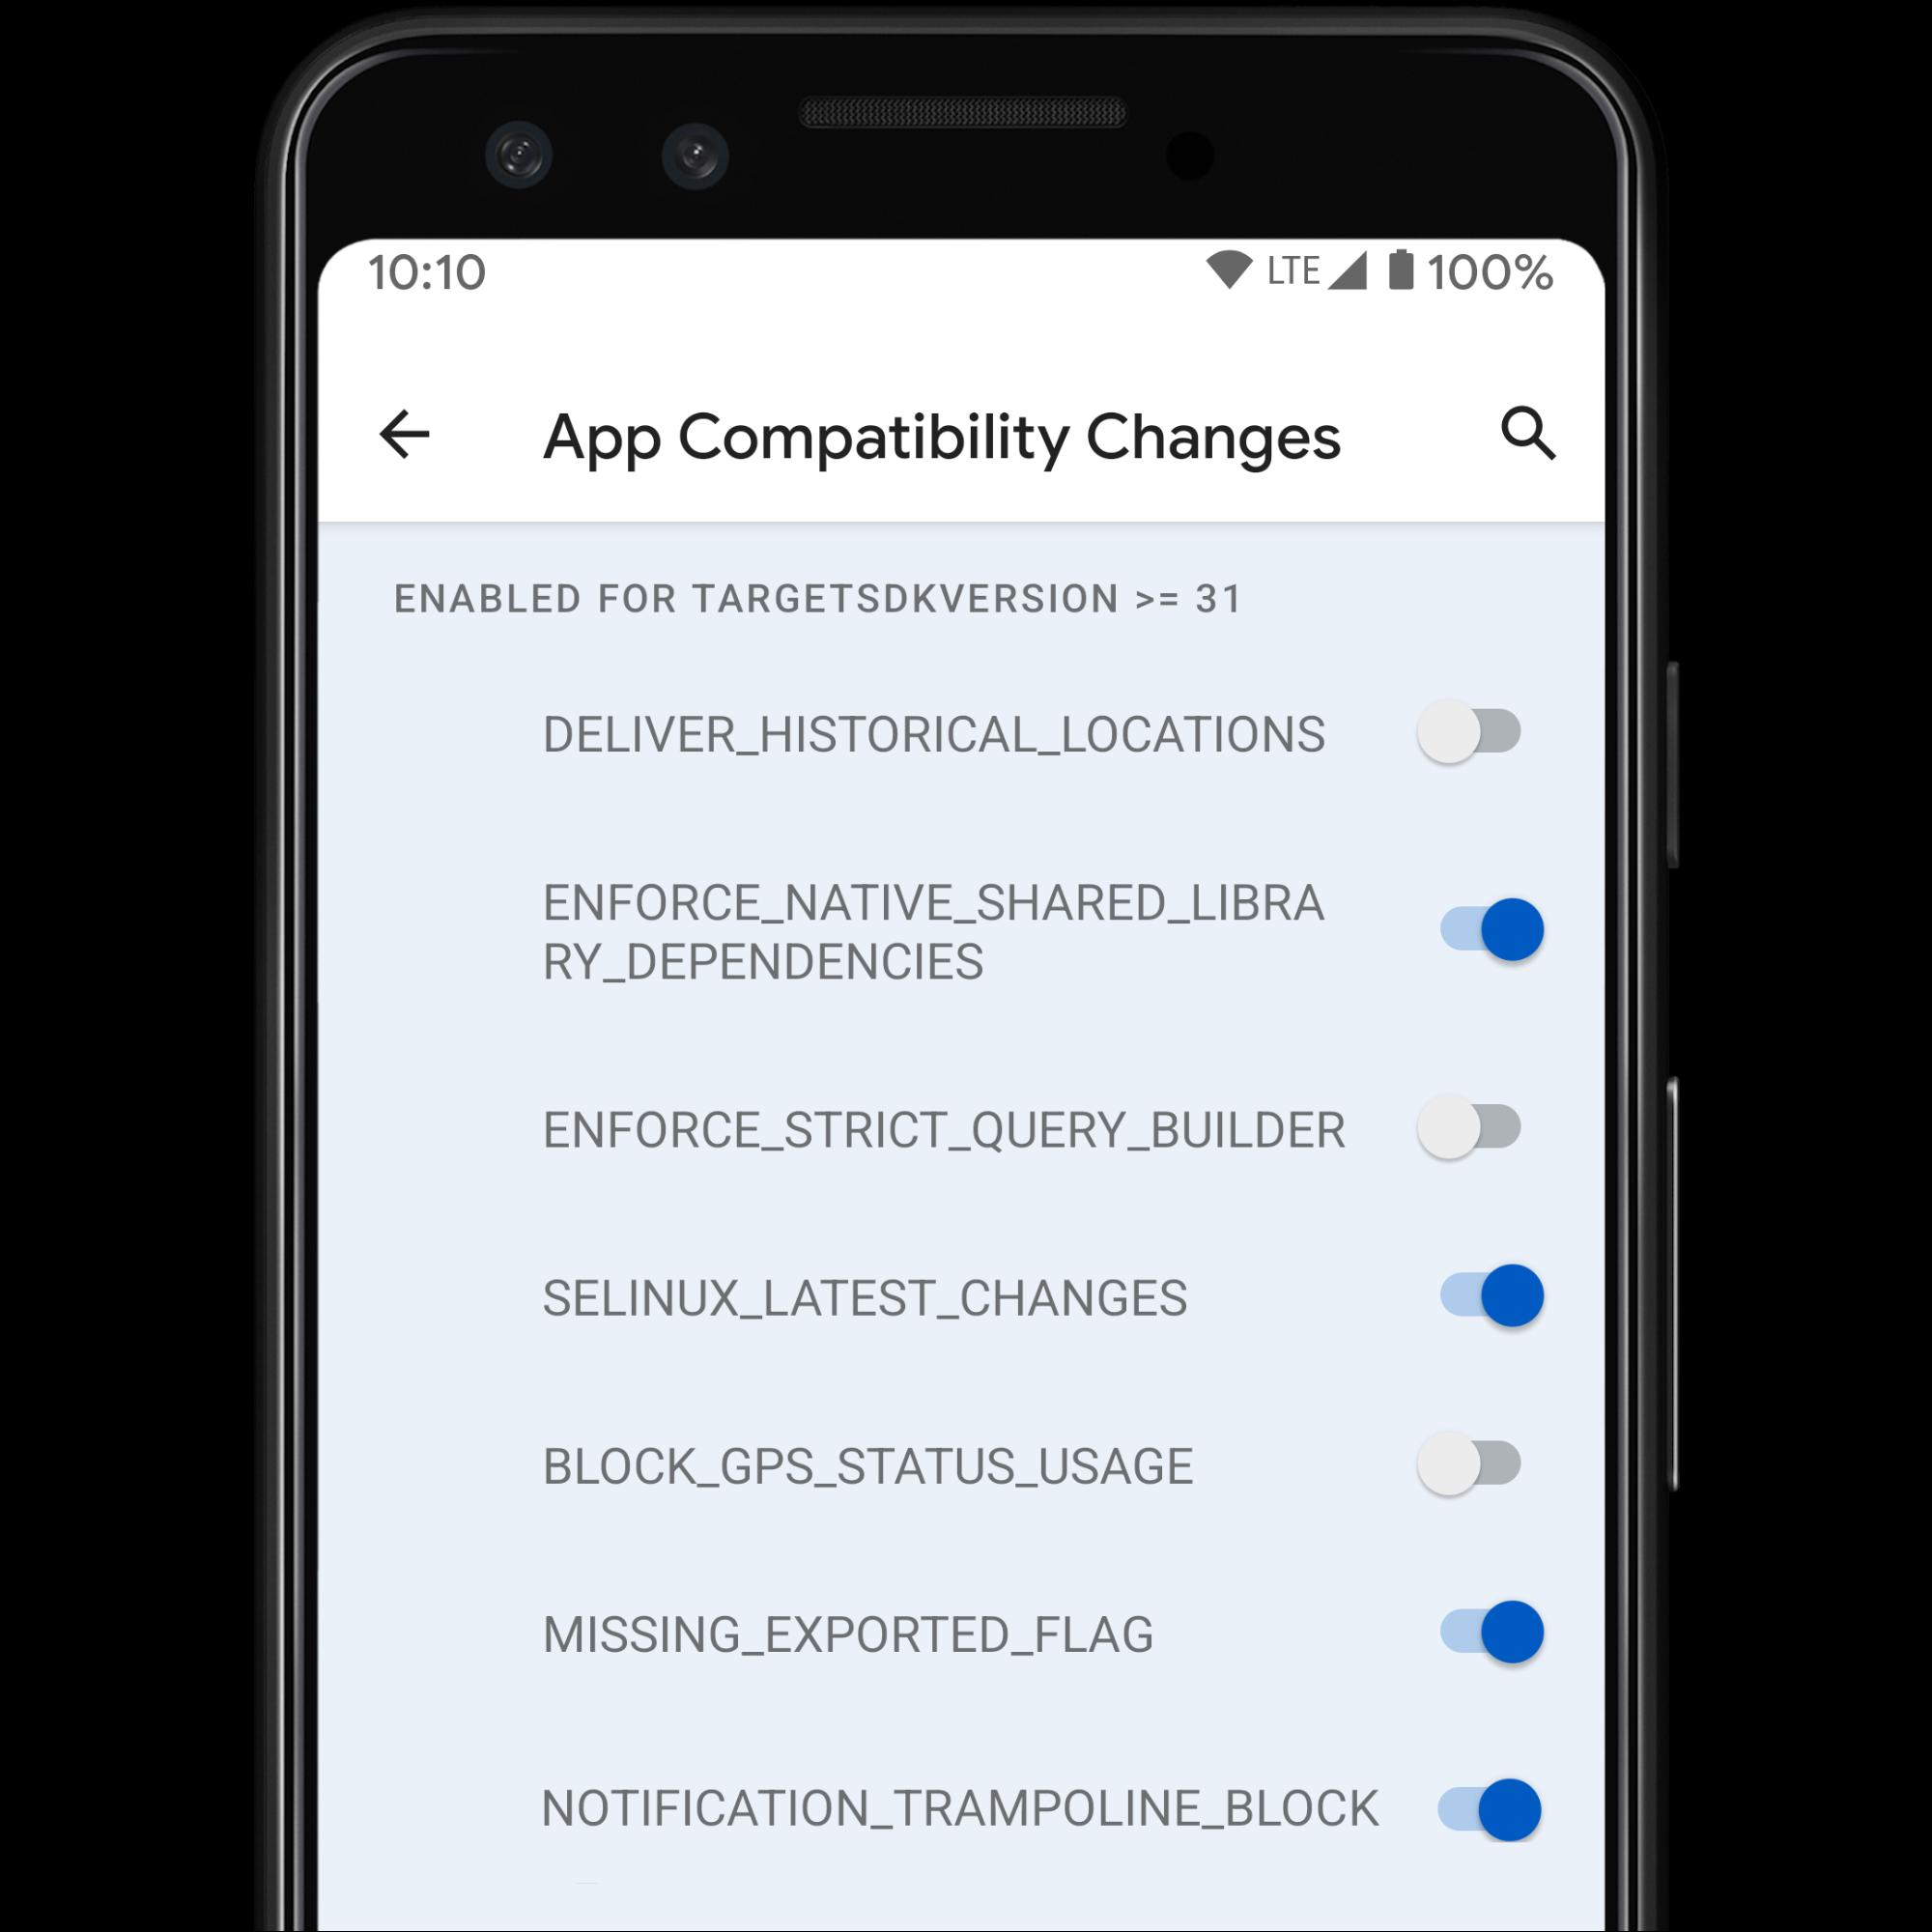 アプリに影響を与える可能性のあるオプトイン変更を簡単にテストできるように